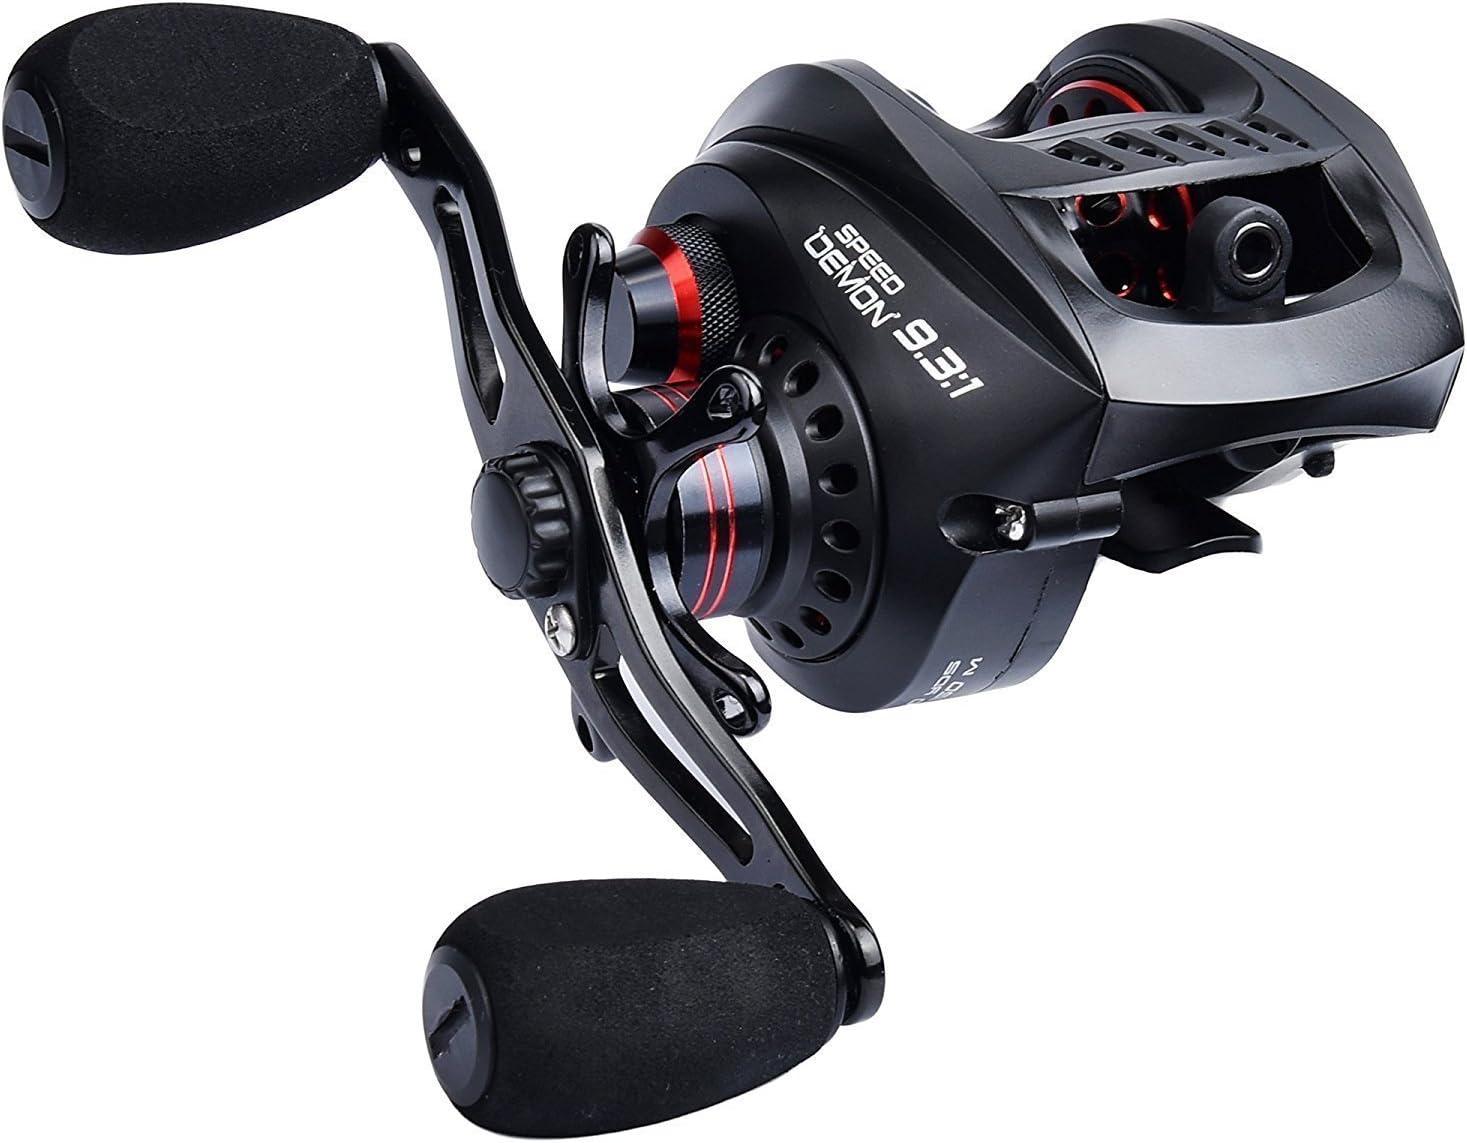 KastKing Speed Demon 9.3:1 Baitcasting Fishing Reel – Worlds Fastest Baitcaster – 12+1 Shielded Ball Bearings – Carbon Fiber Drag.